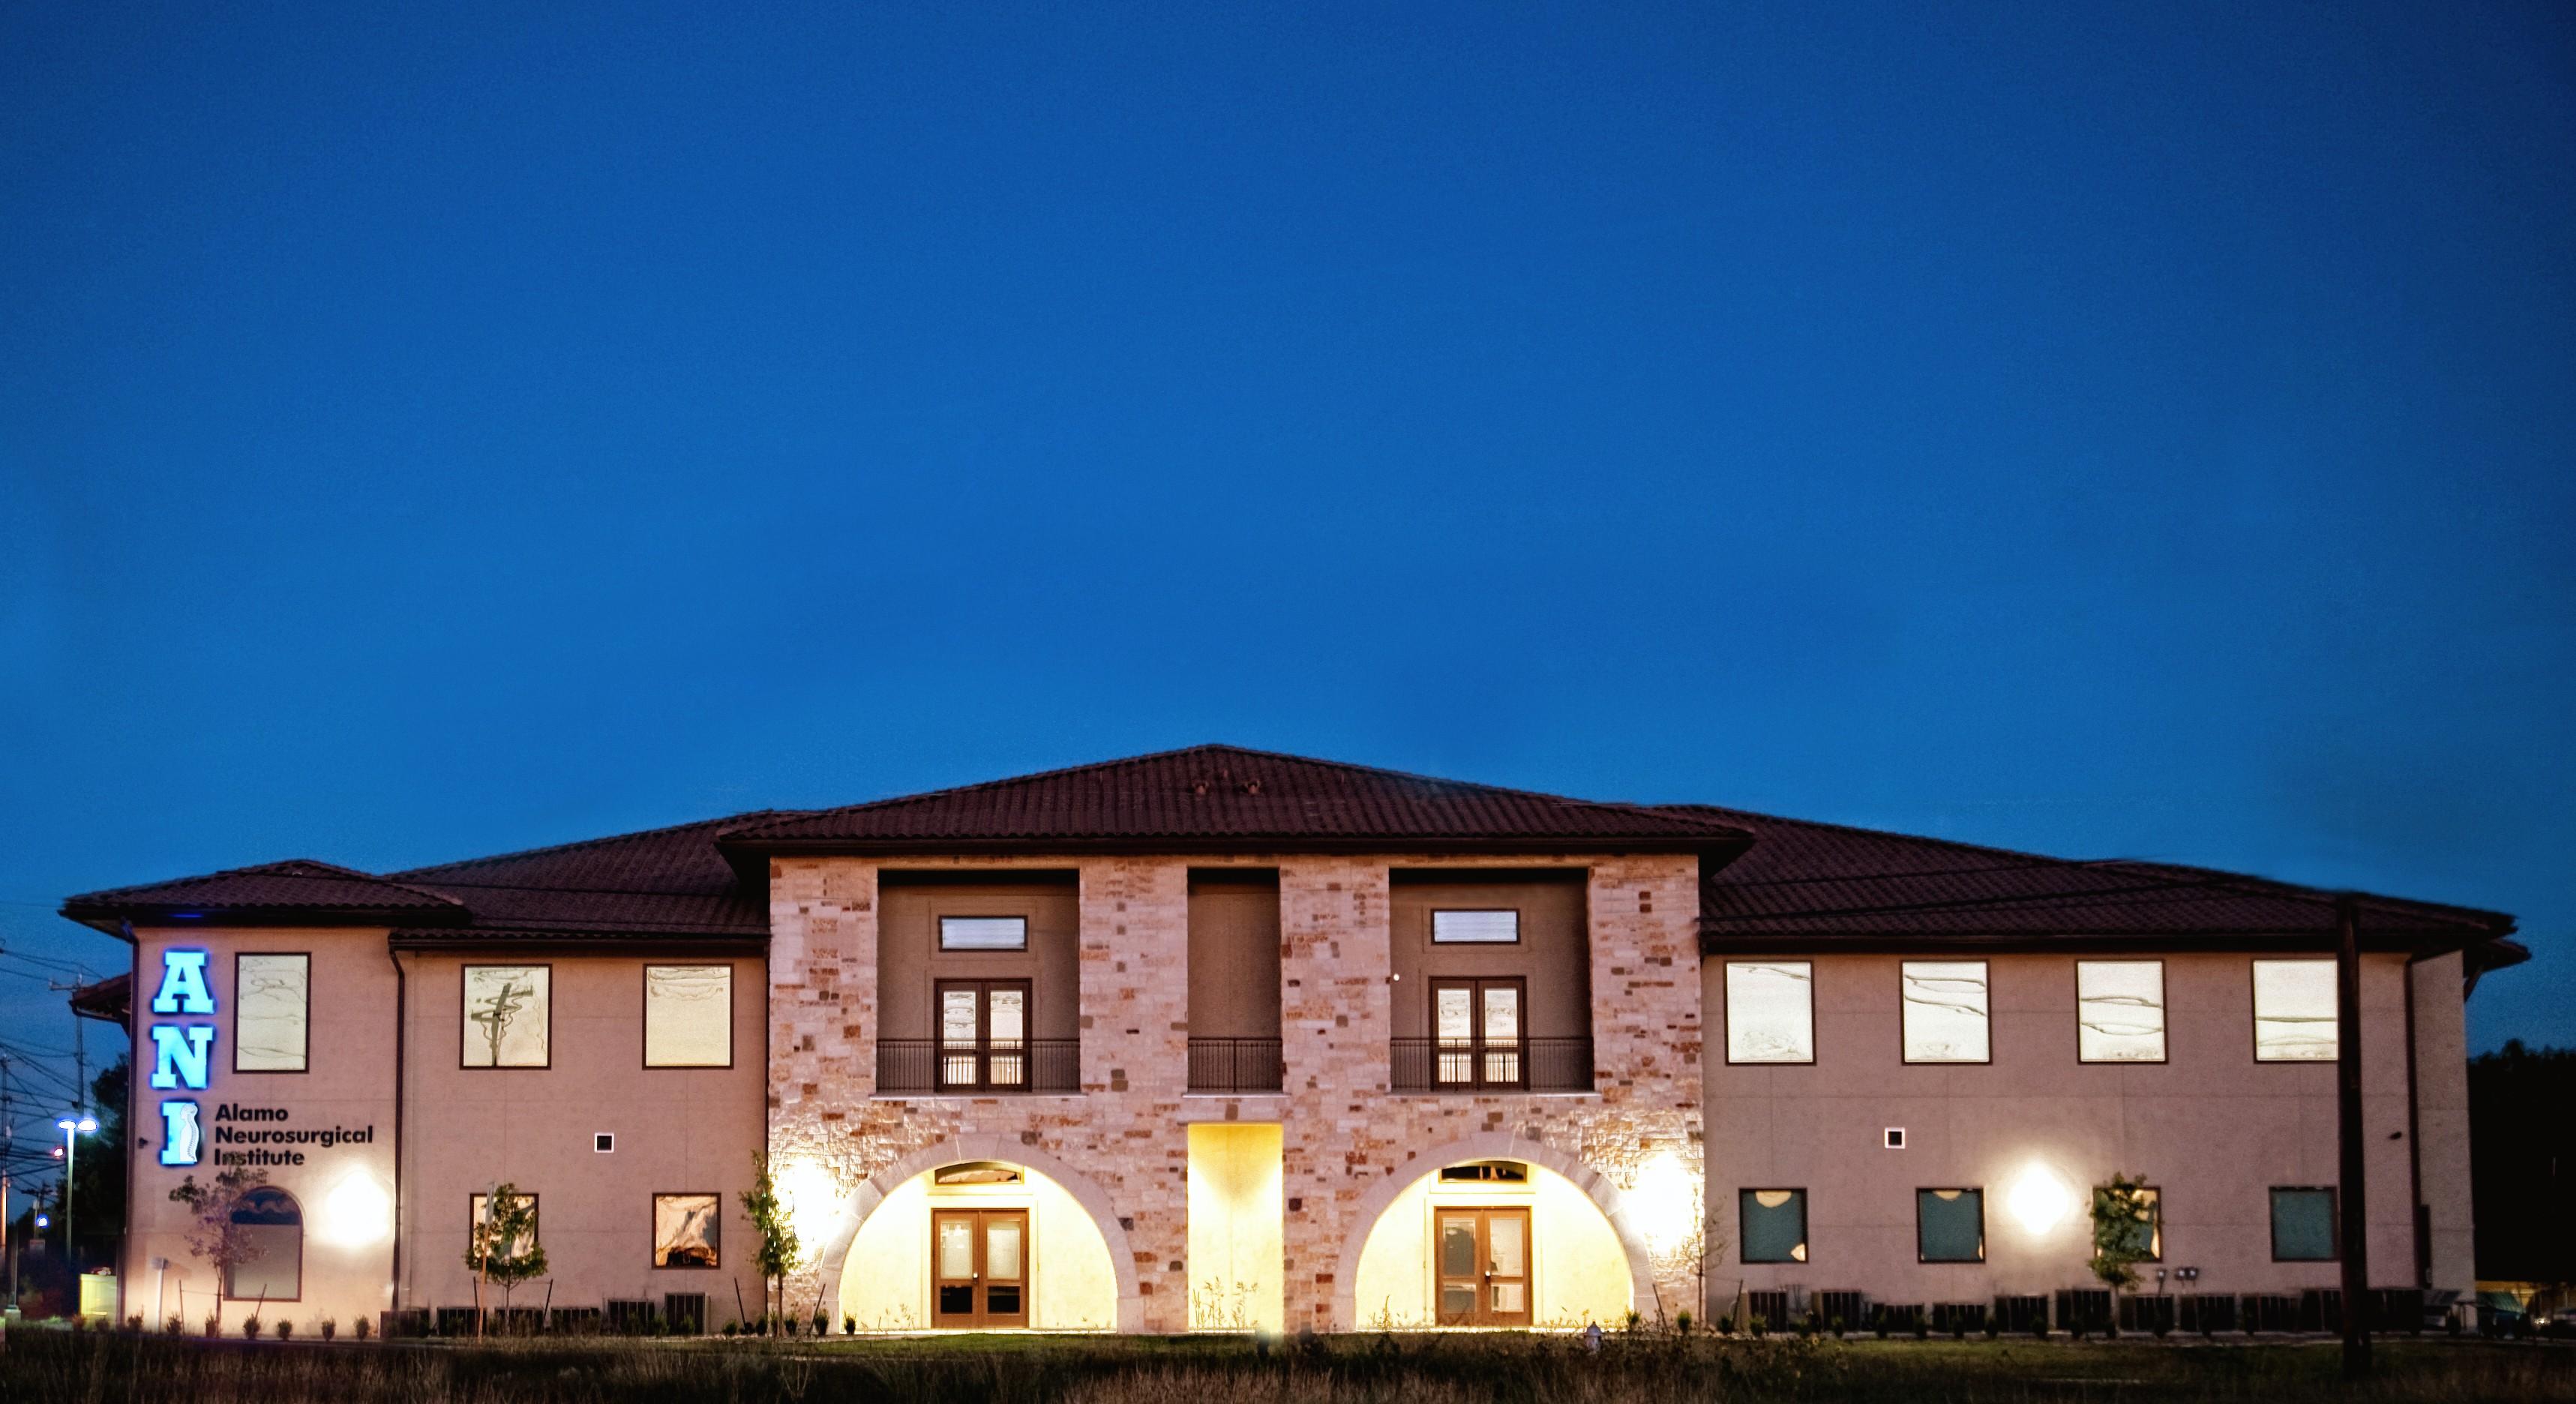 Alamo Neurosurgical Institute | Dr. Michael A. Leonard